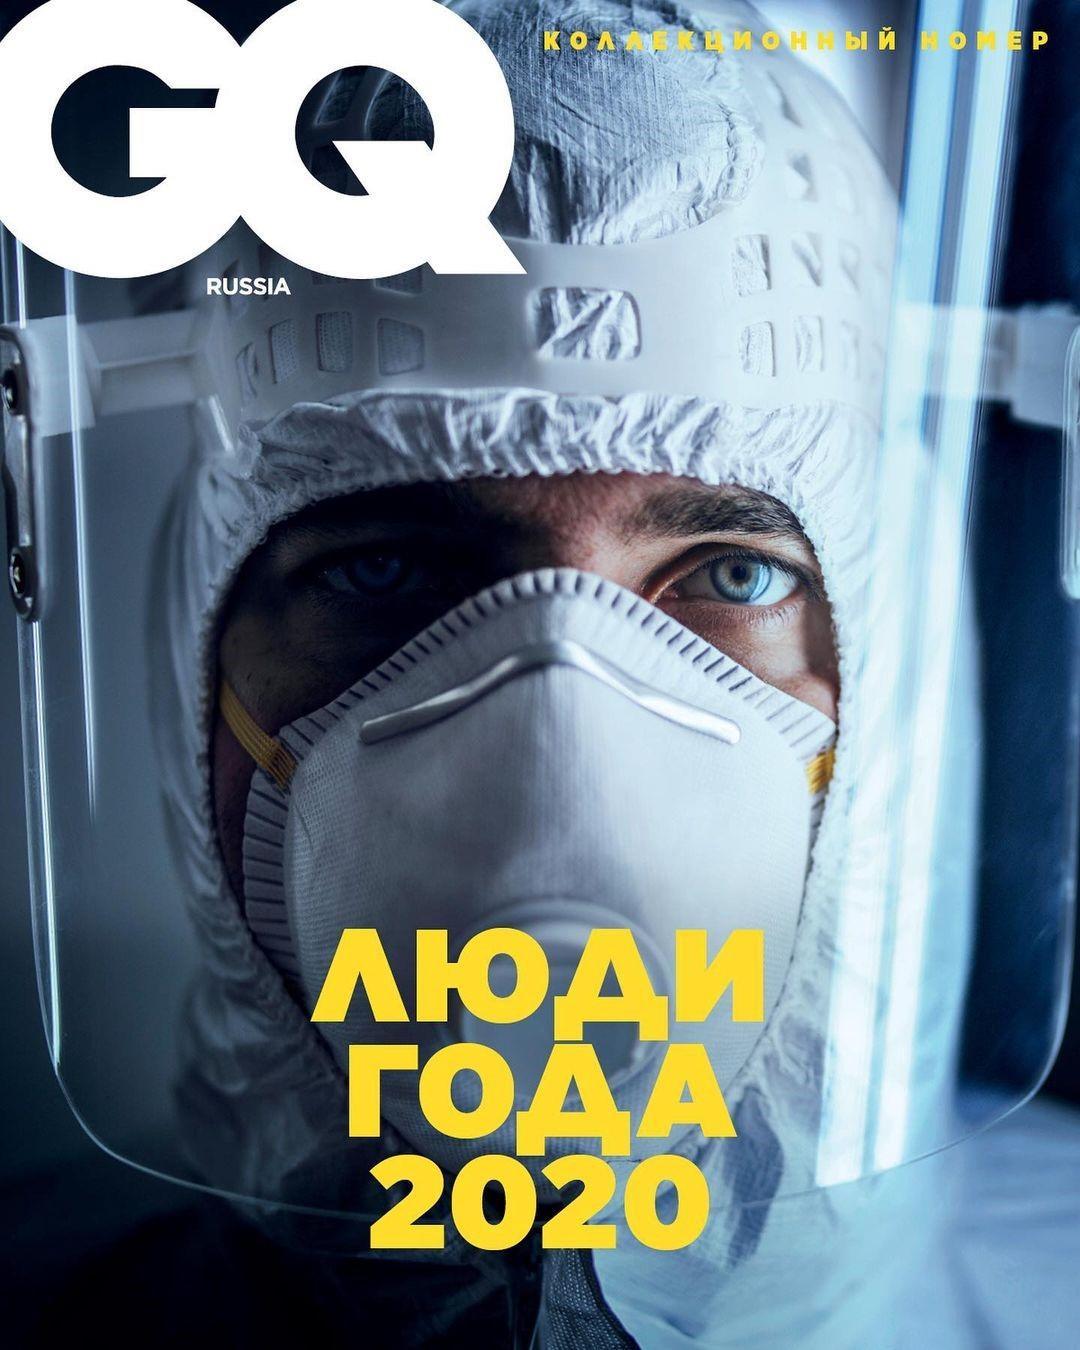 Максим Галкин раскритиковал церемонию вручения премии GQ: «Бал во время чумы. Невероятно точное непопадание во время!»